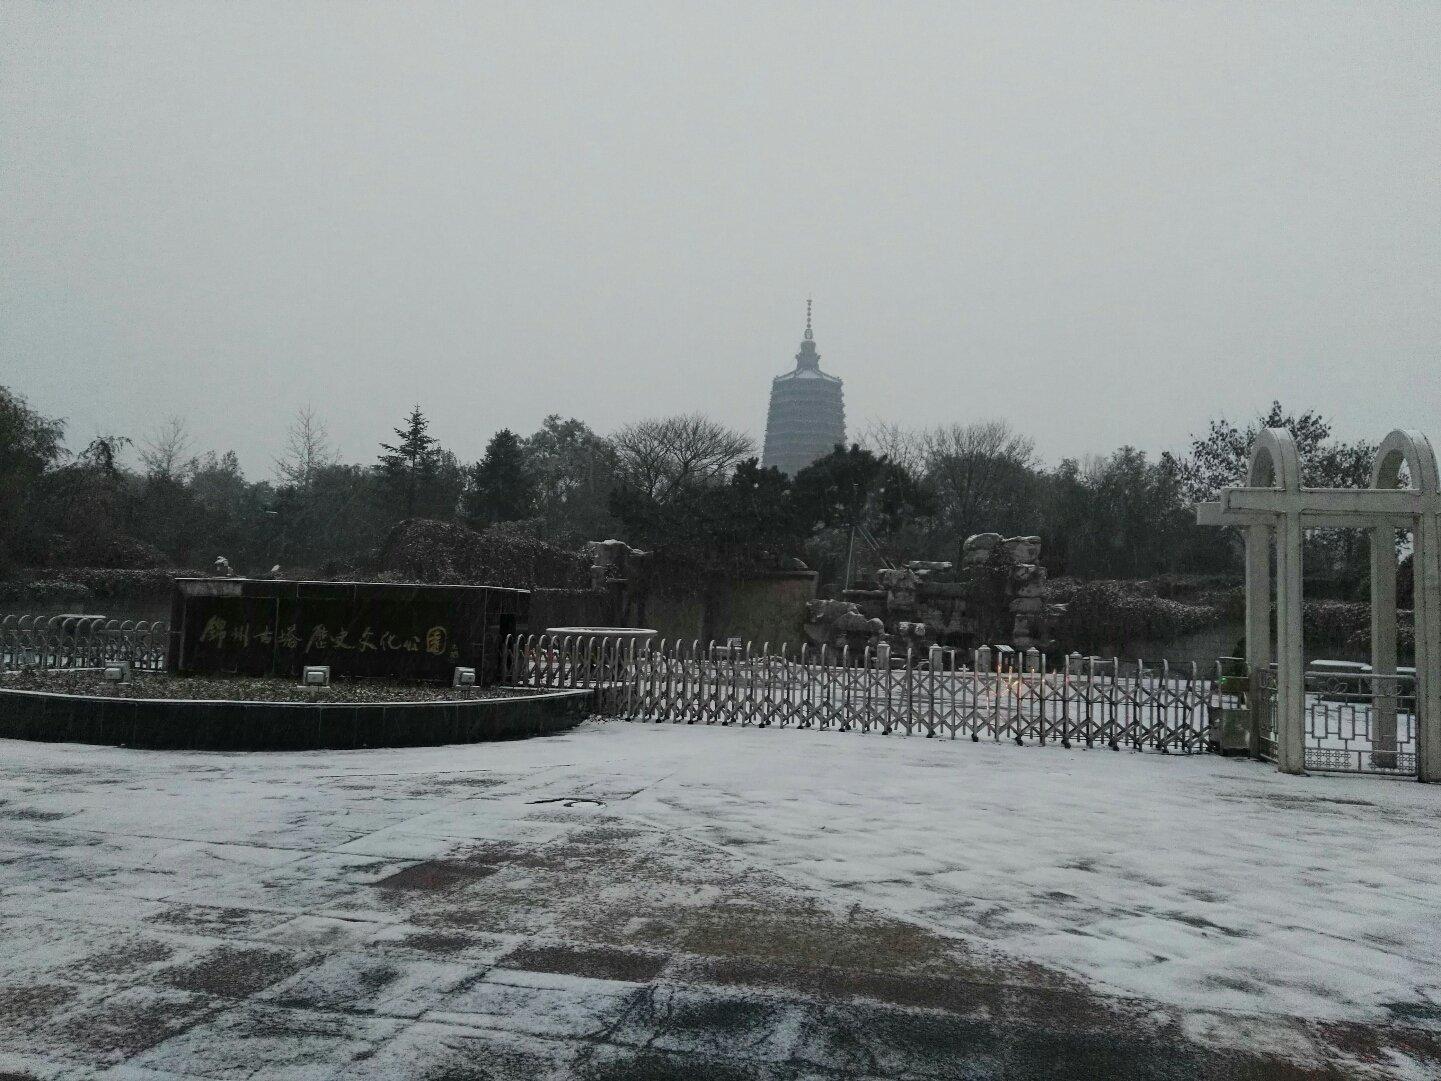 辽宁省锦州市博物馆北一里天气预报